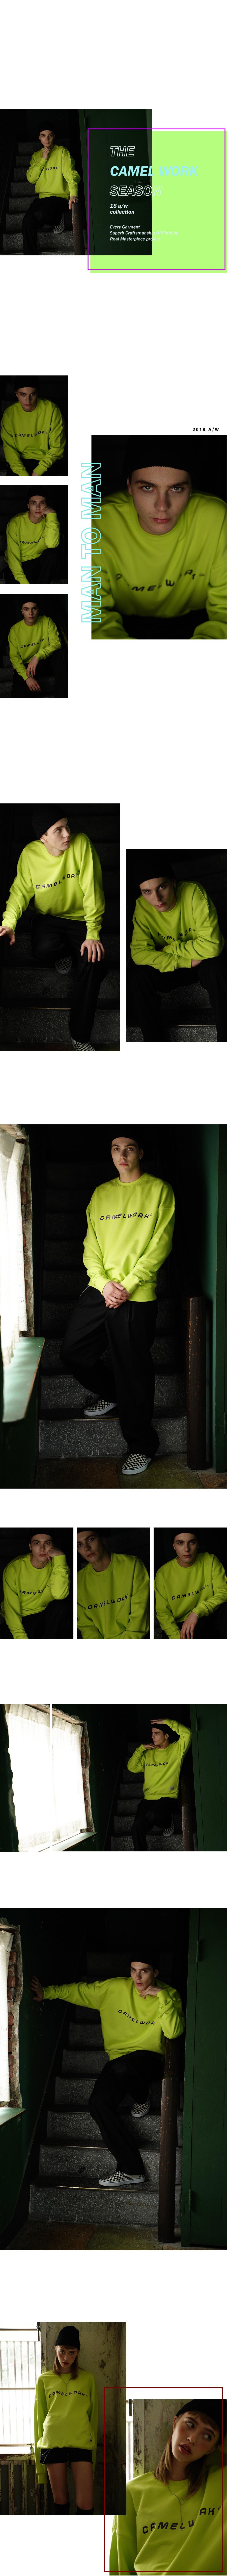 카멜워크(CAMEL WORK) Basic Logo Over-Fit Sweatshirts(Neon)